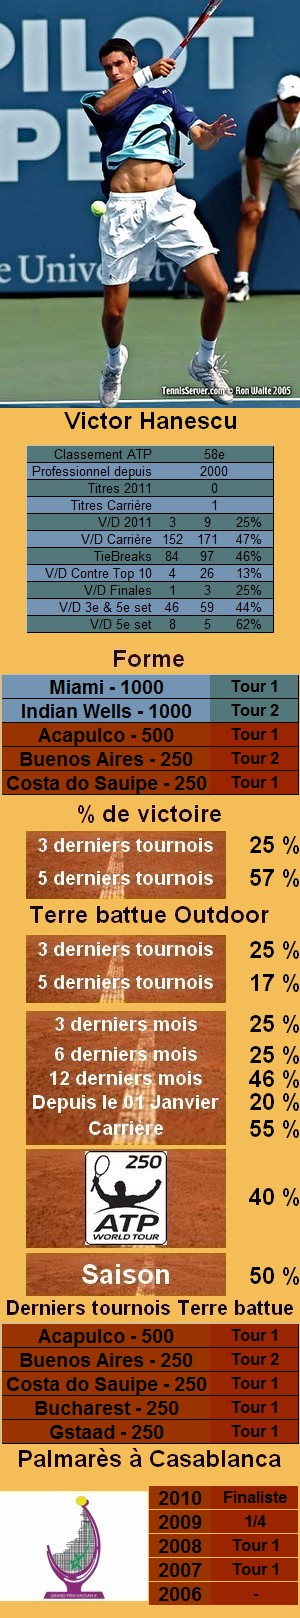 Les statistiques tennis de Victor Hanescu pour le tournoi de Houston